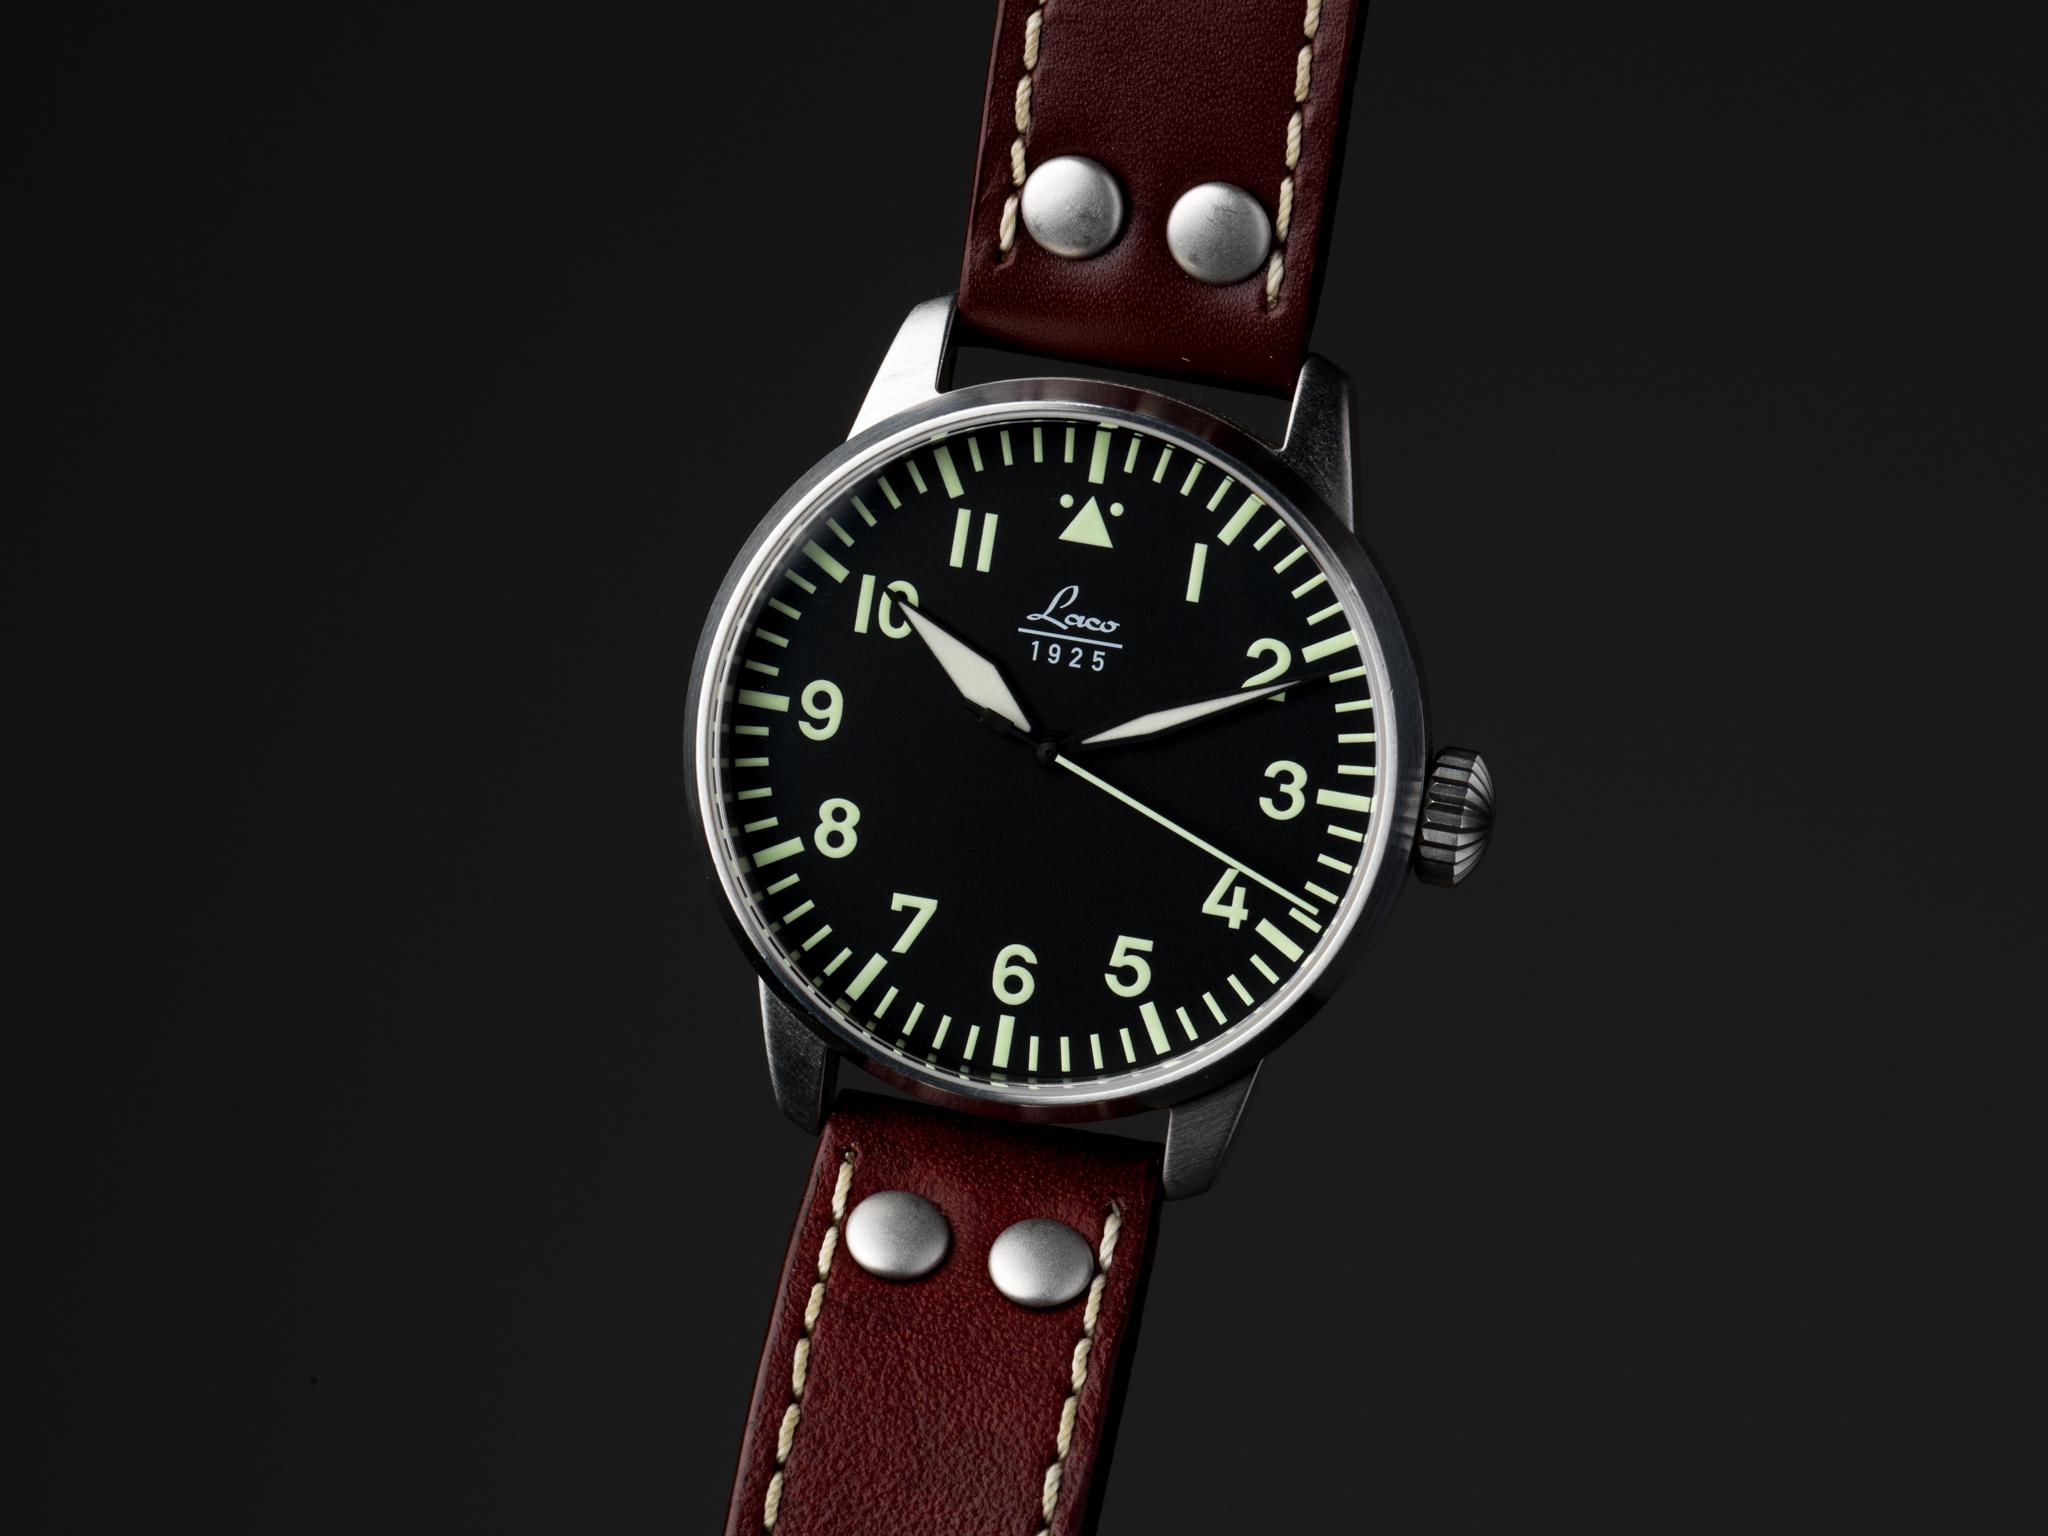 Laco-Flieger-Watch-1